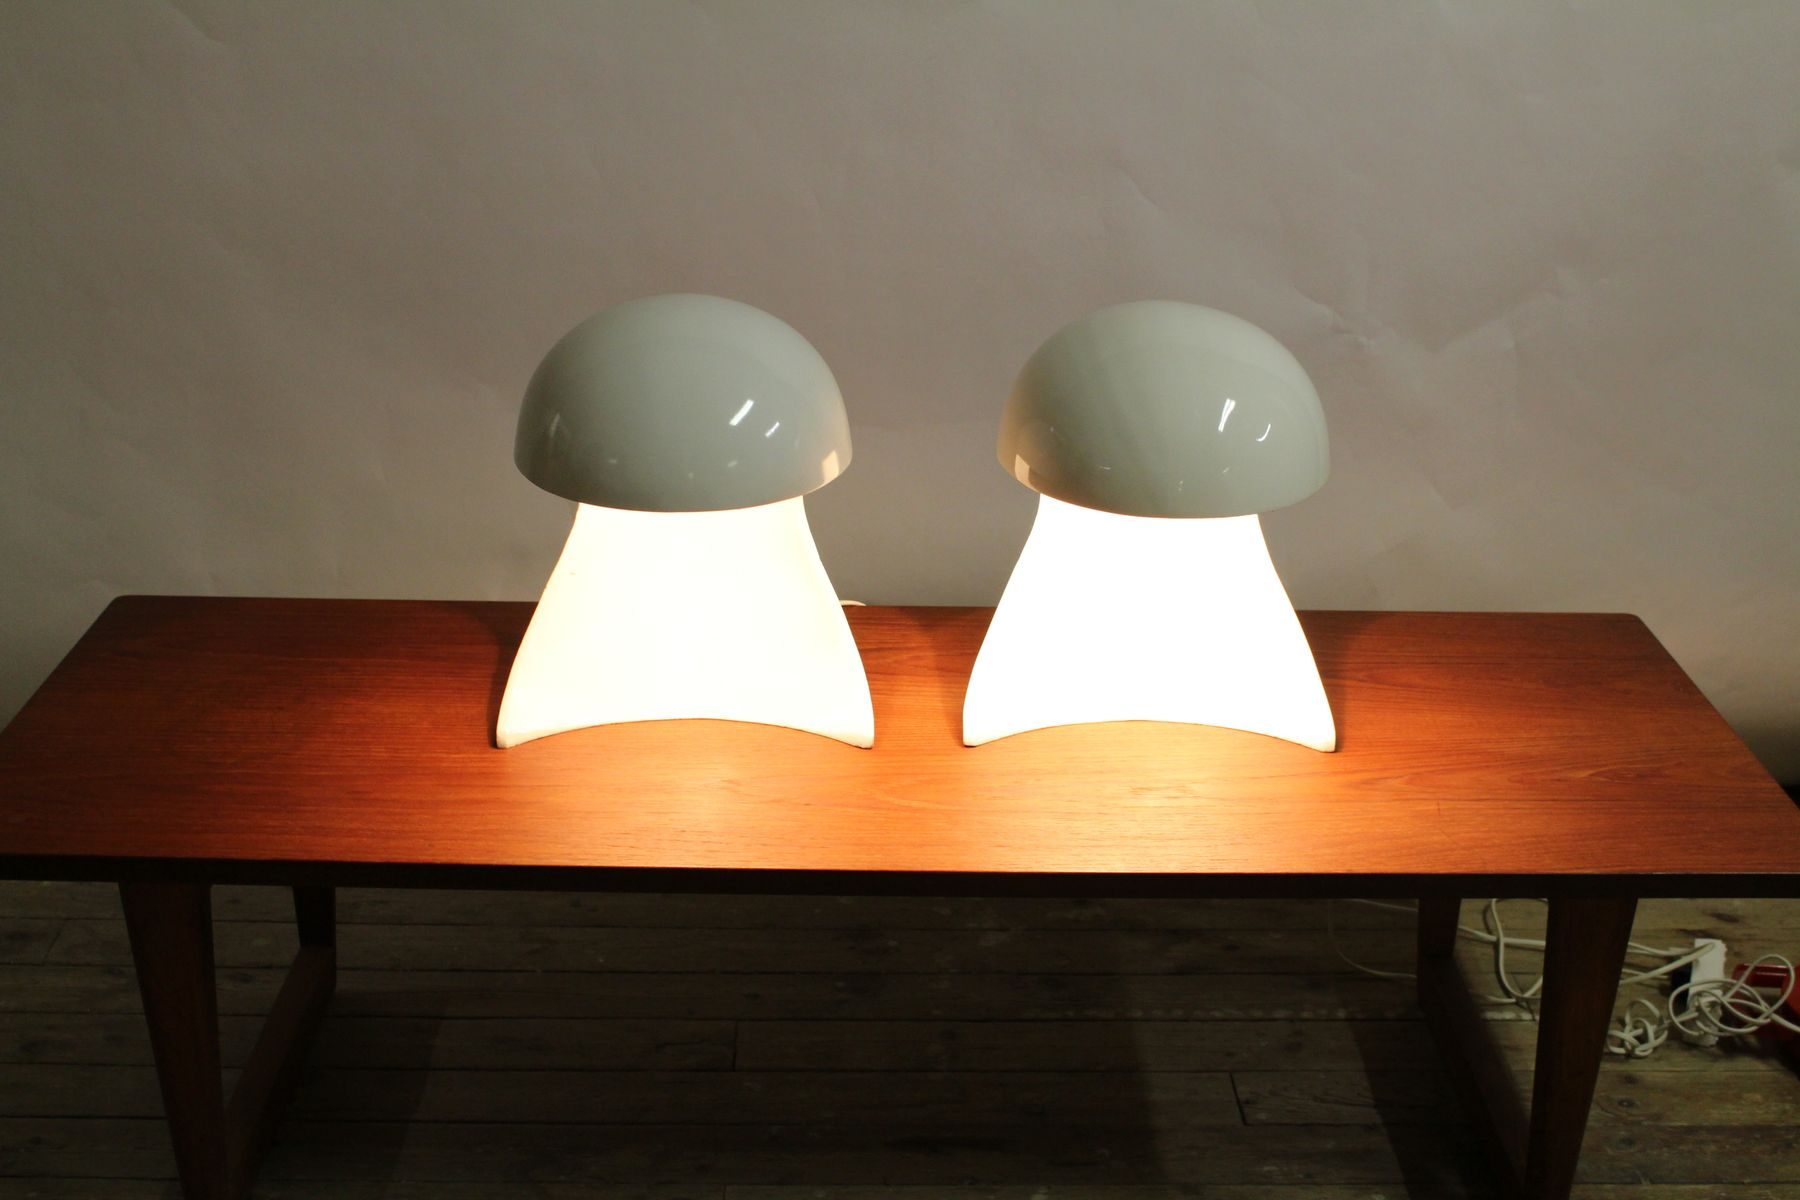 Lampade da tavolo di dario tognon studio celli per - Lampade da tavolo artemide ...